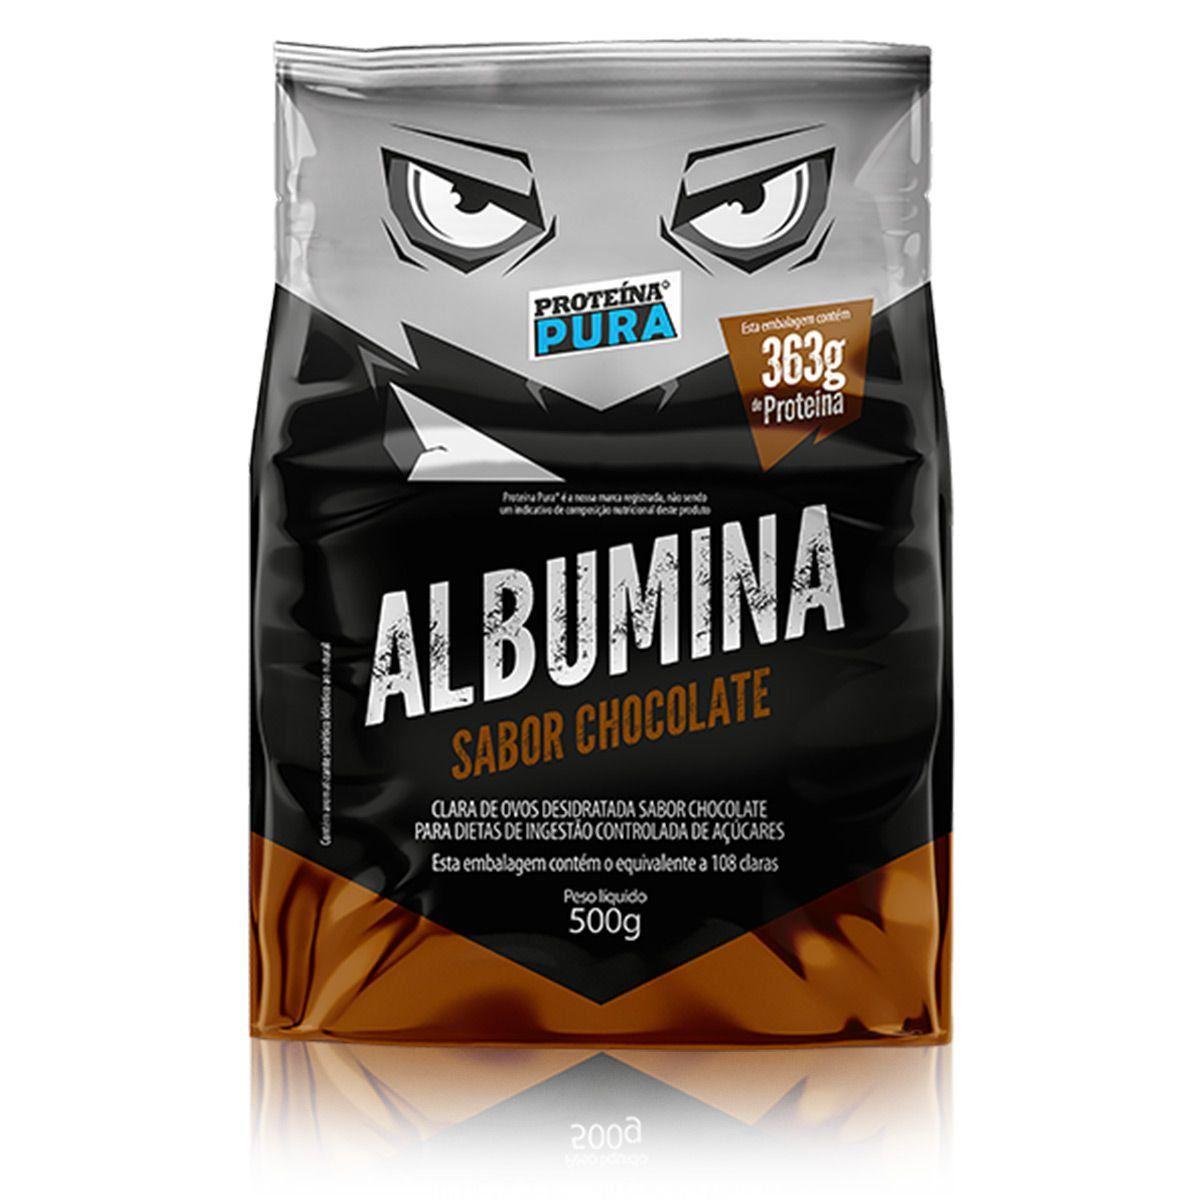 Albumina Desidratada 500g (Sabores) - Proteína Pura